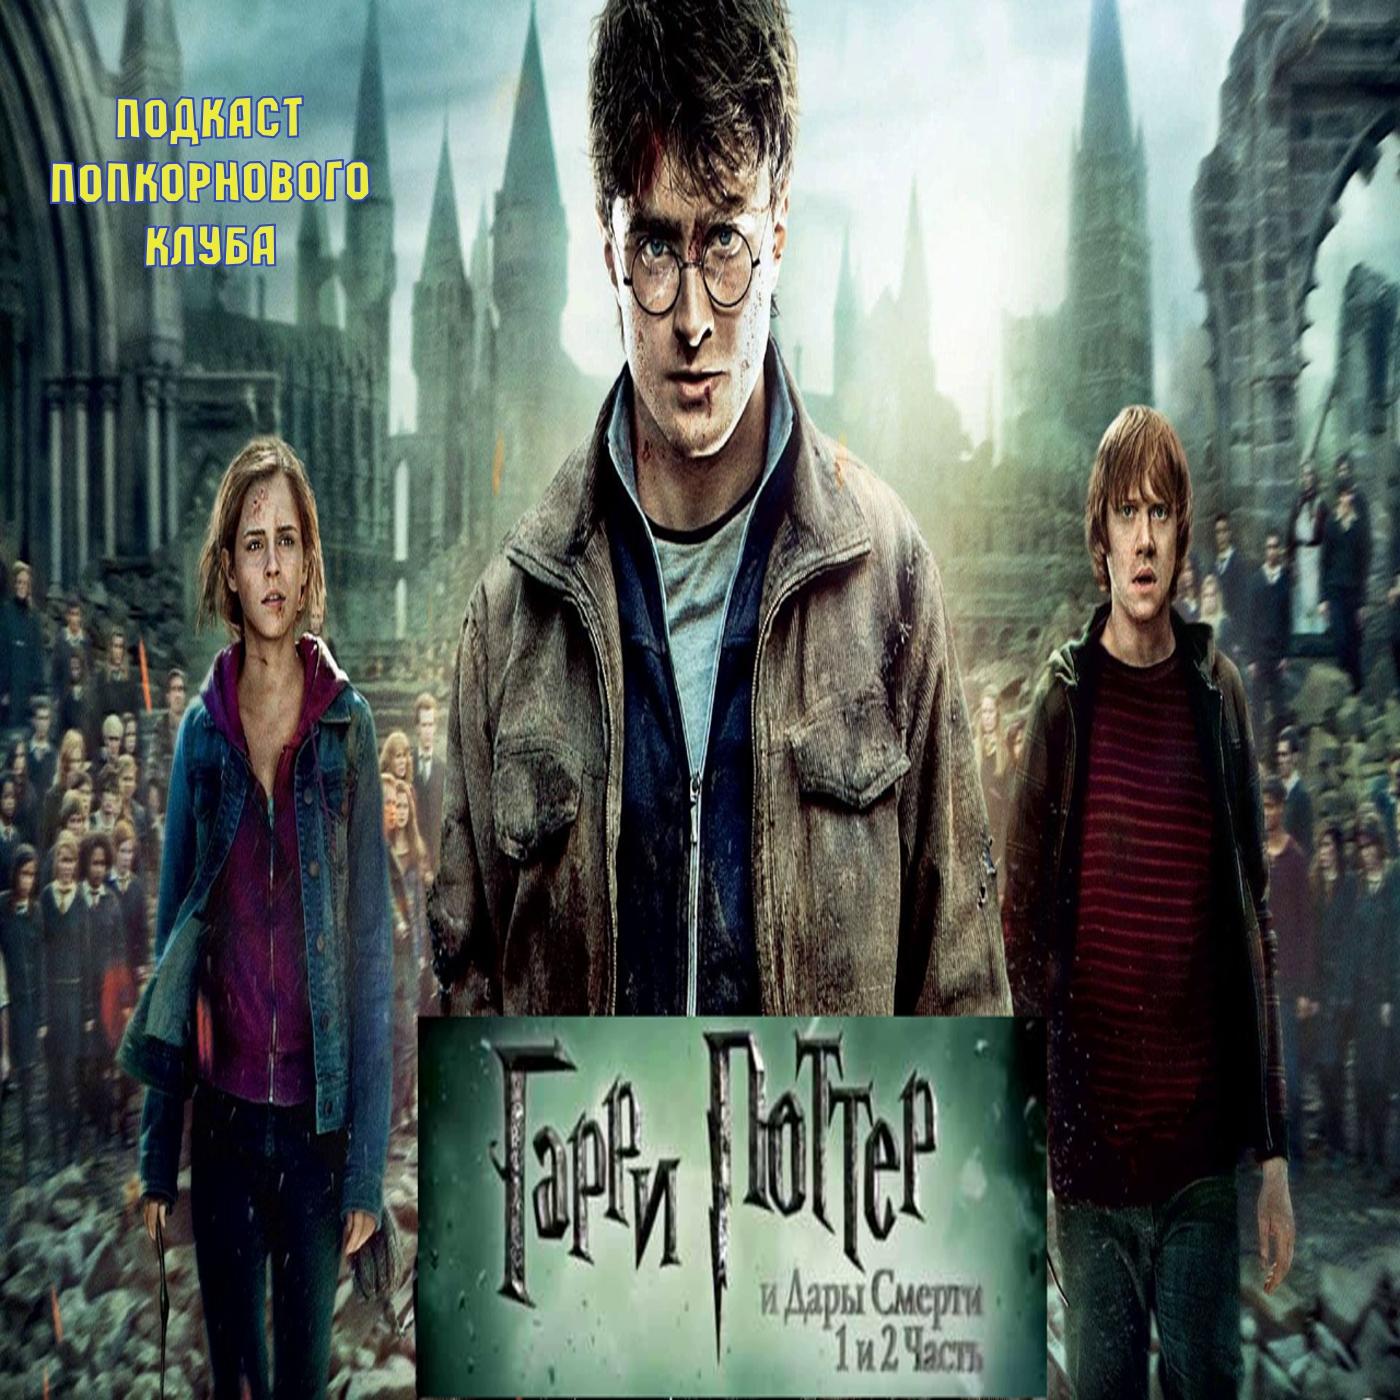 Гарри Поттер и Дары Смерти. Части 1 и 2 - Попкорновый клуб